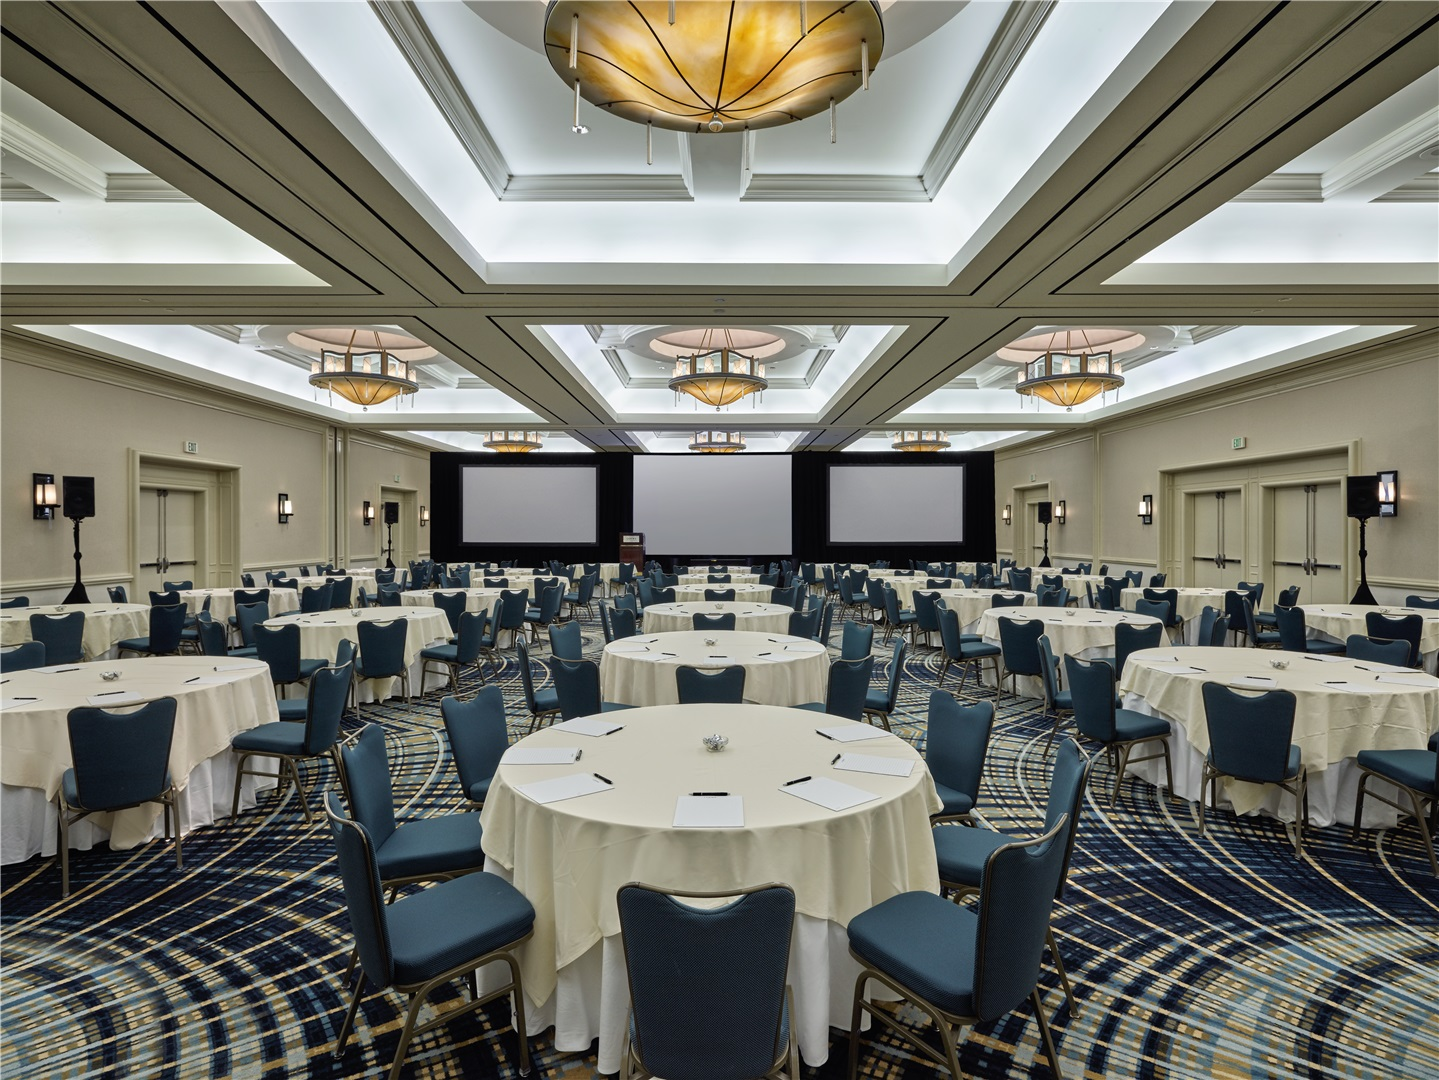 Lowes Arcadia Ballroom 2018[4]